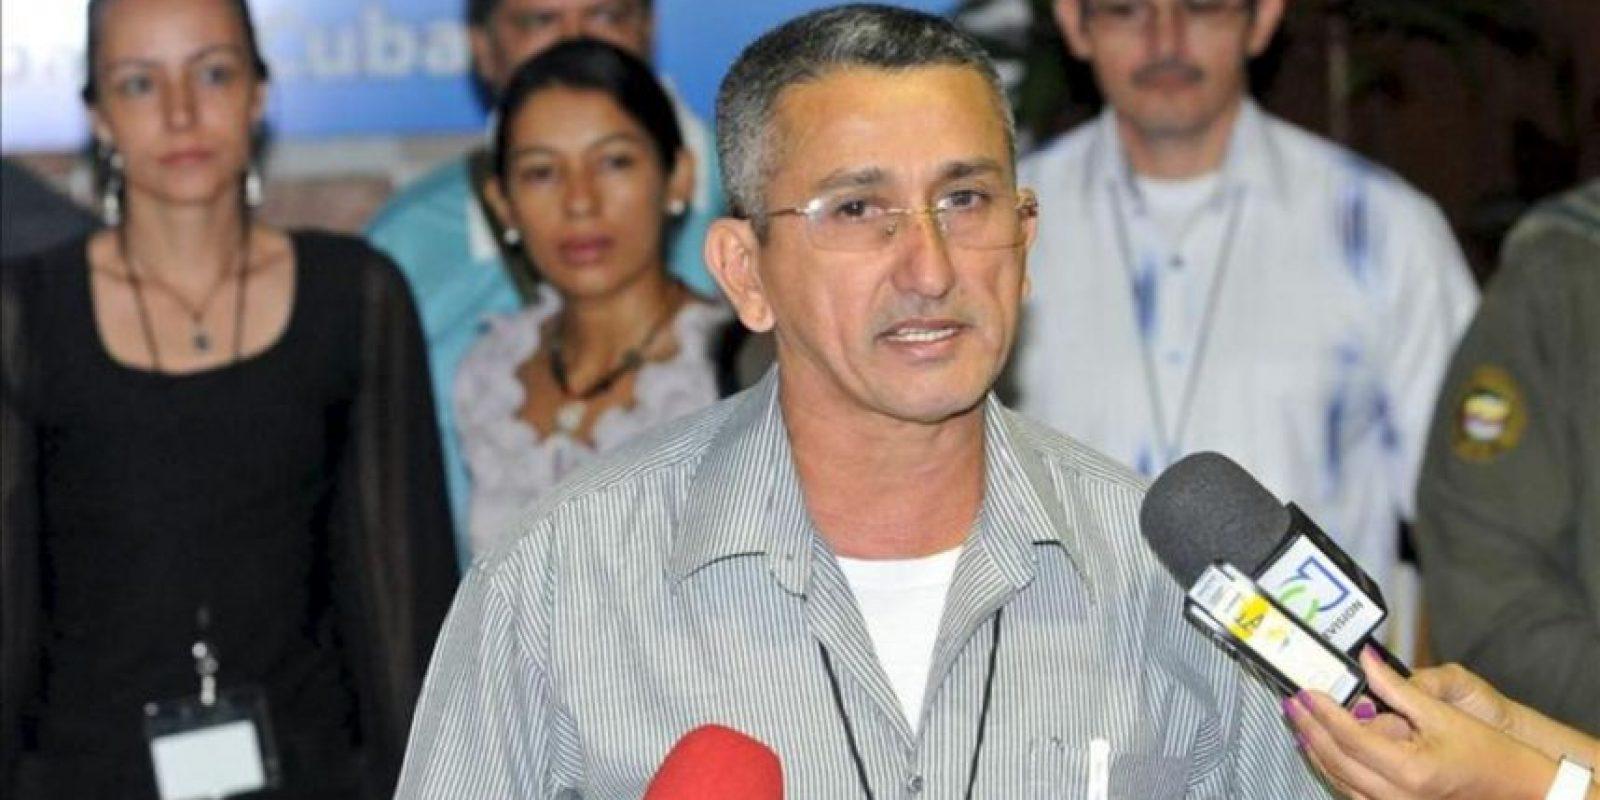 El integrante de las FARC, Rubén Zamora (c), lee un comunicado este 25 de noviembre, en el Palacio de Convenciones de La Habana, Cuba, donde se desarrolla una nueva jornada de los díalogos de paz entre el Gobierno de Colombia y las FARC. EFE